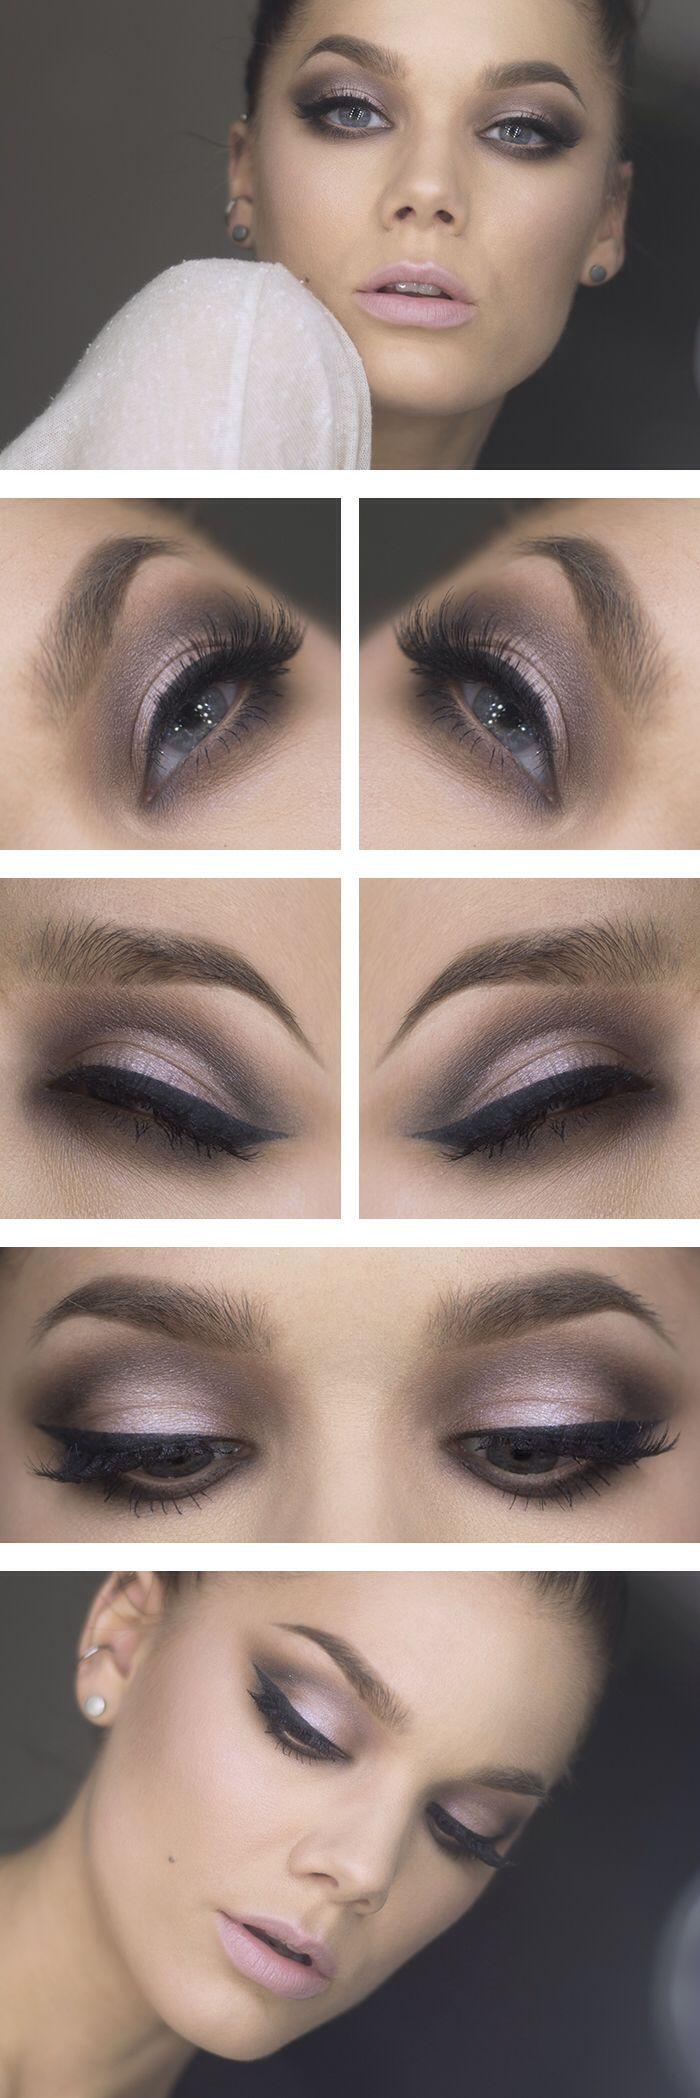 Pin By Carolina Vivian On Makeup Pinterest Makeup Eye Makeup